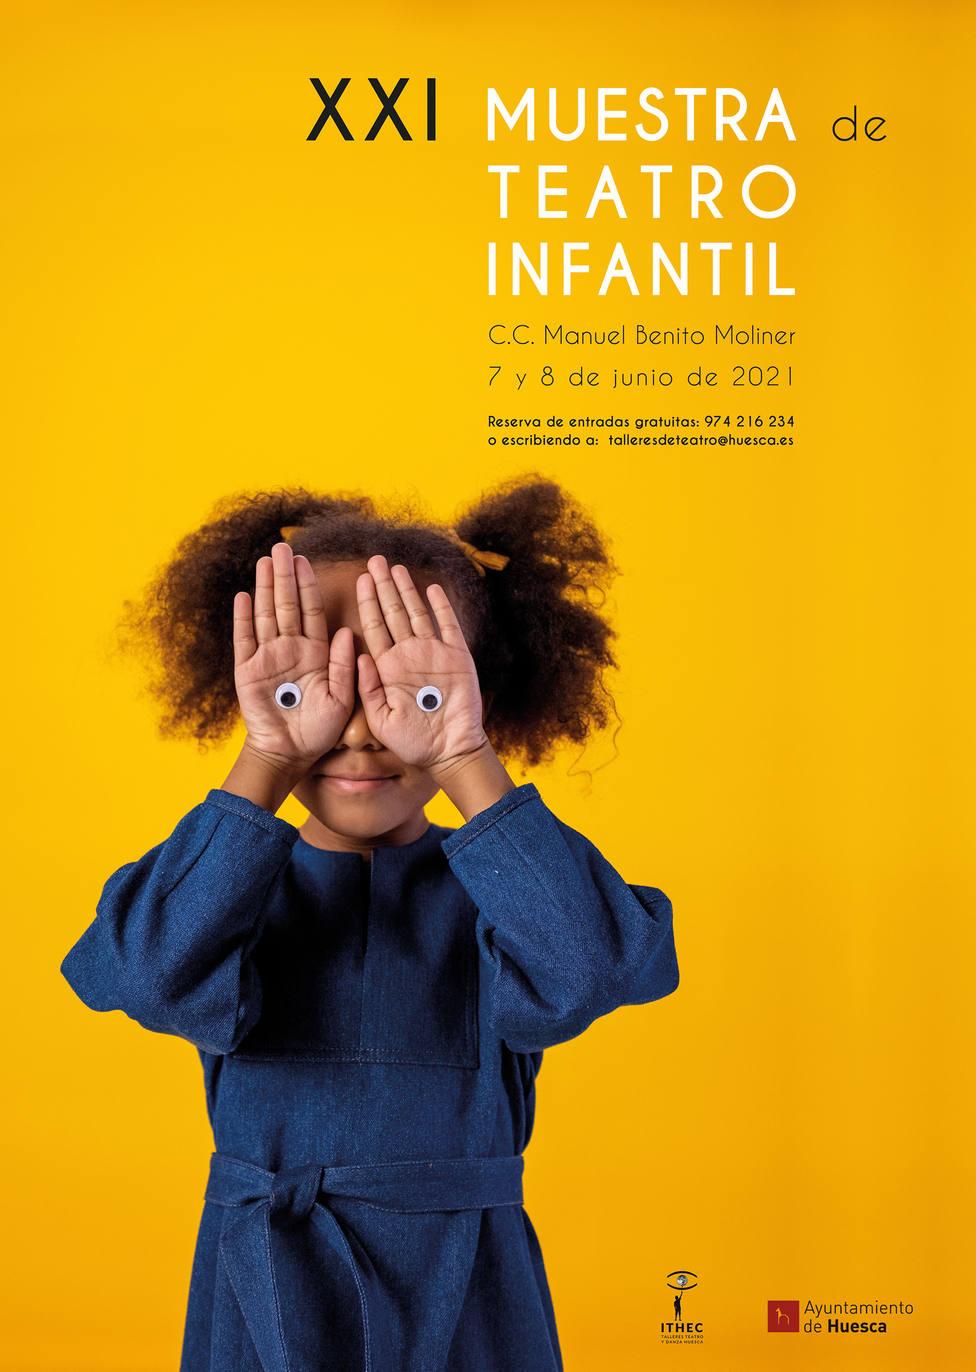 ctv-lfk-20210527-cartel-muestra-teatro-infantil